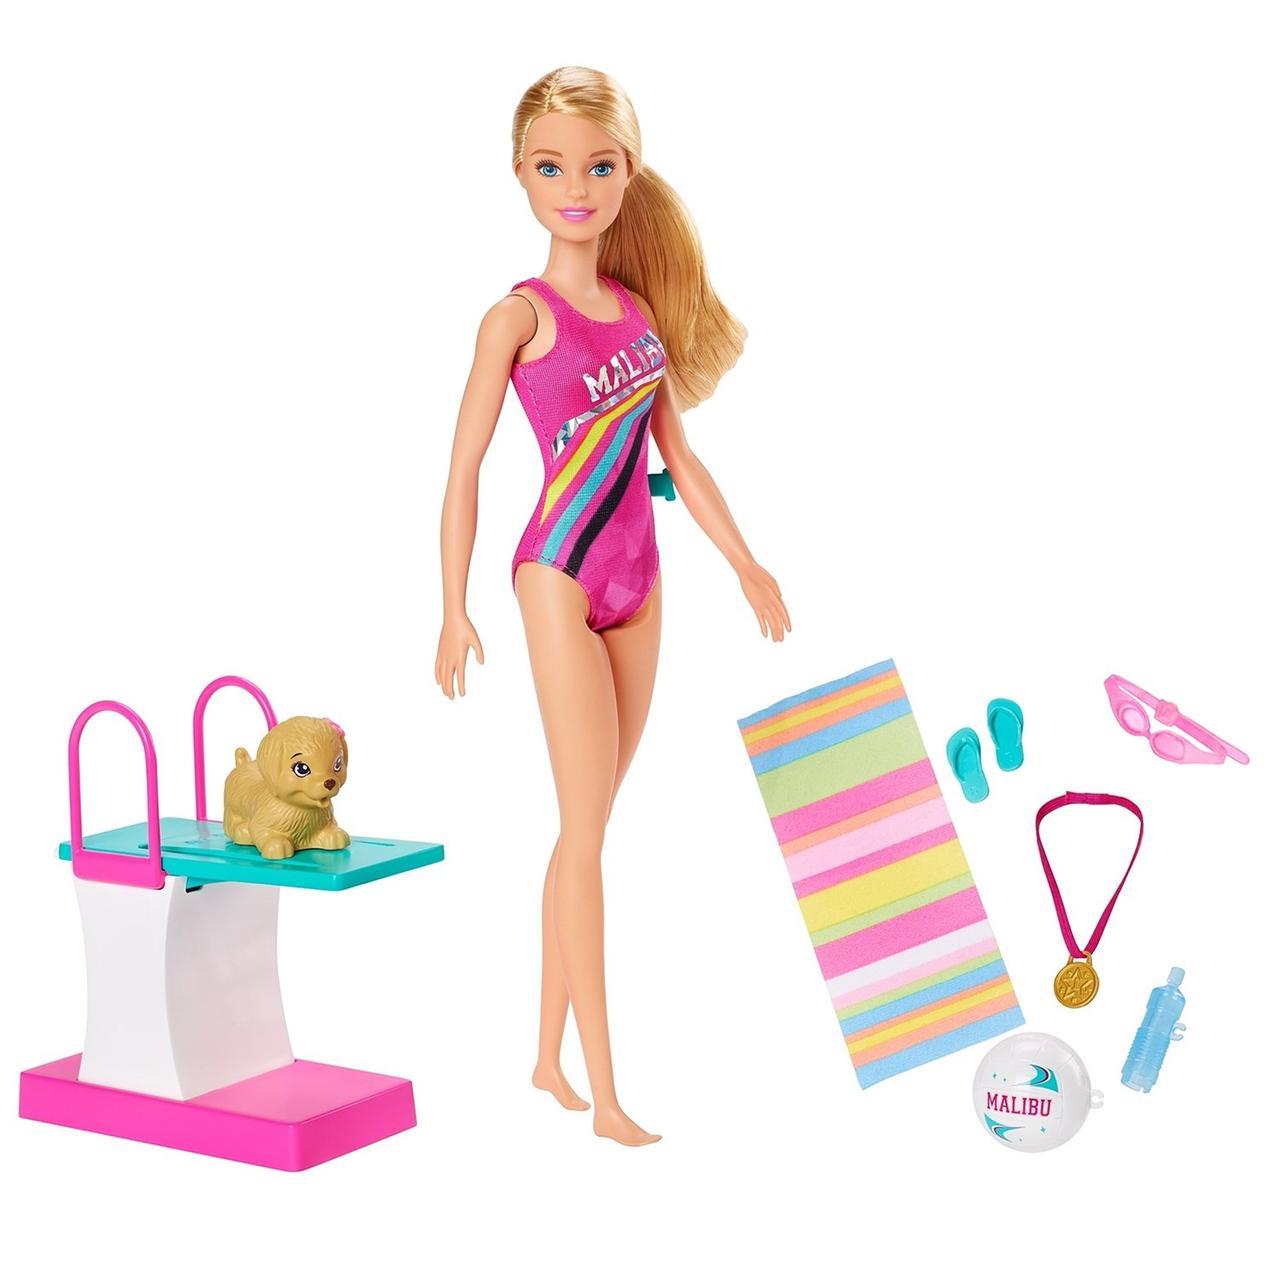 Barbie Игровой набор Чемпион по плаванию, Приключения в доме мечты Барби